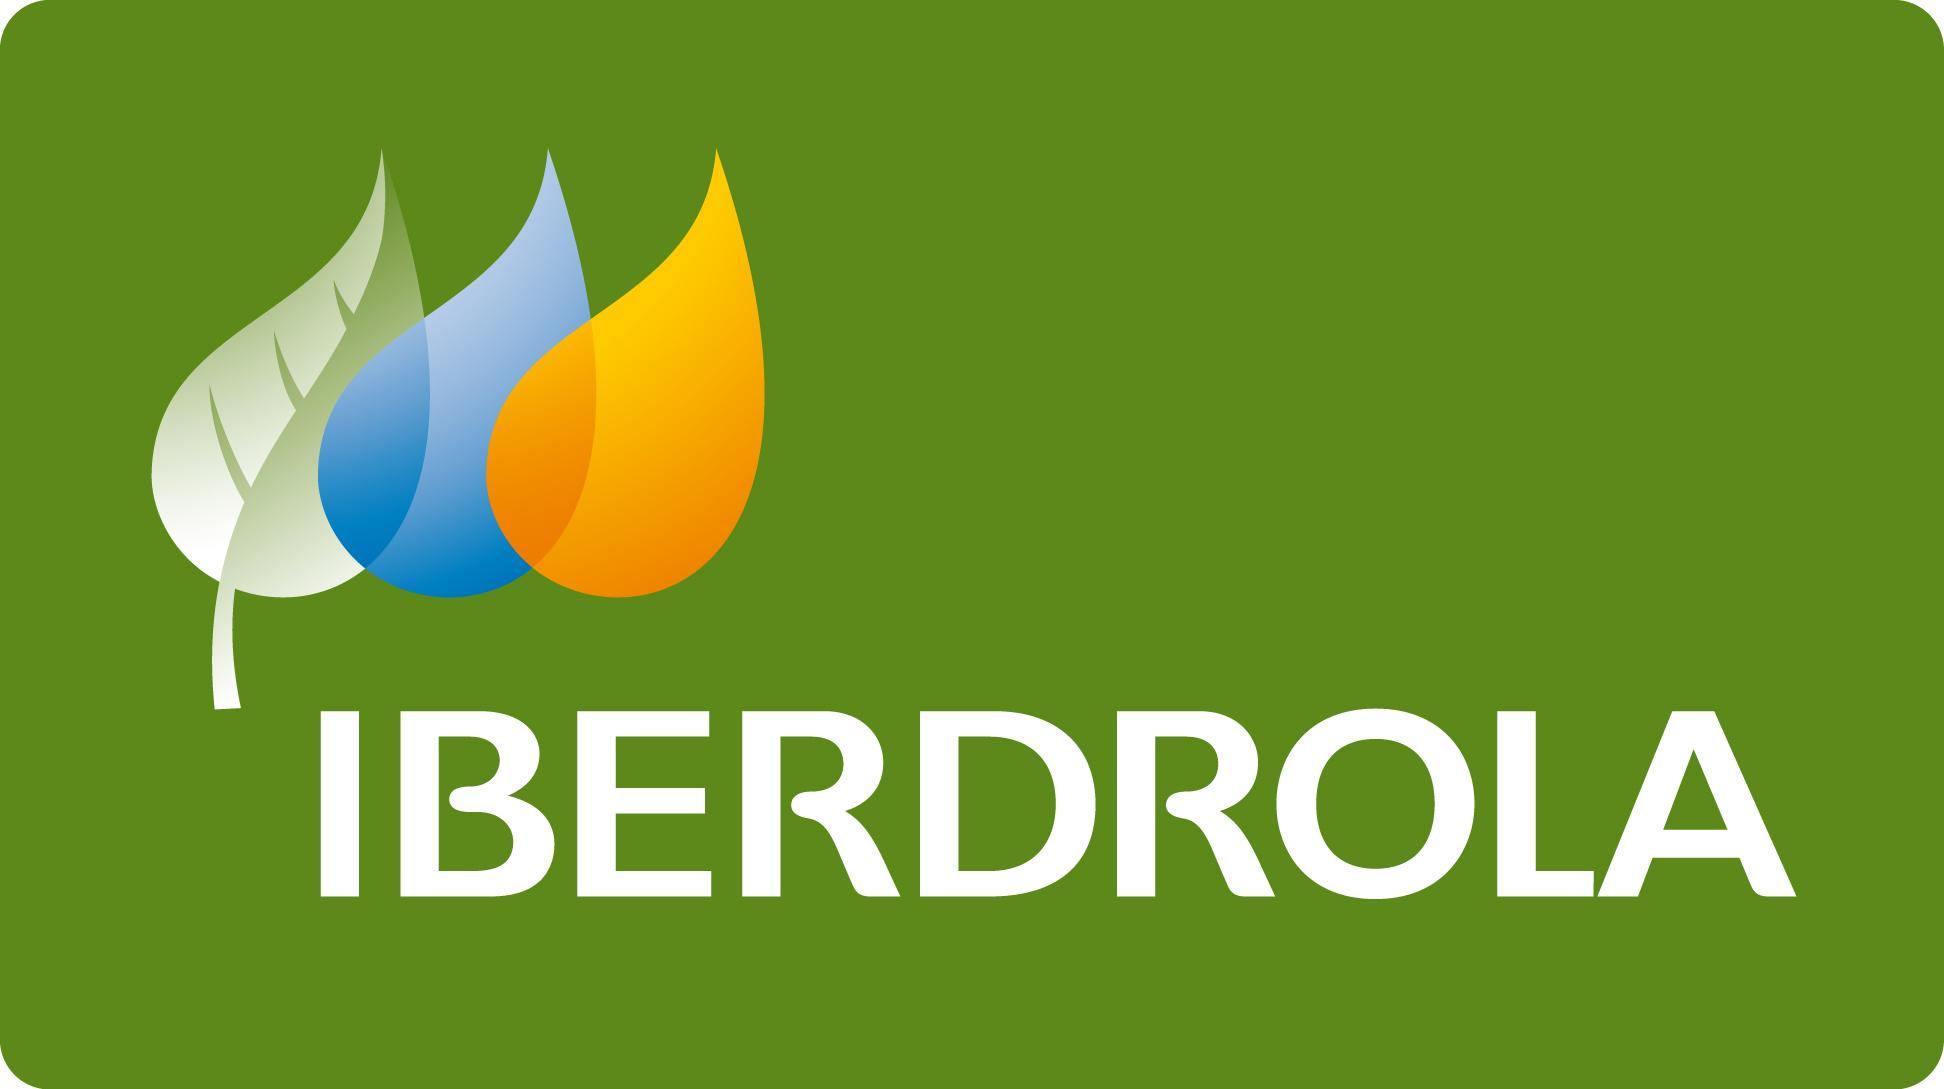 Iberdrola recibe préstamo del BEI por 200 millones de euros para redes y renovables